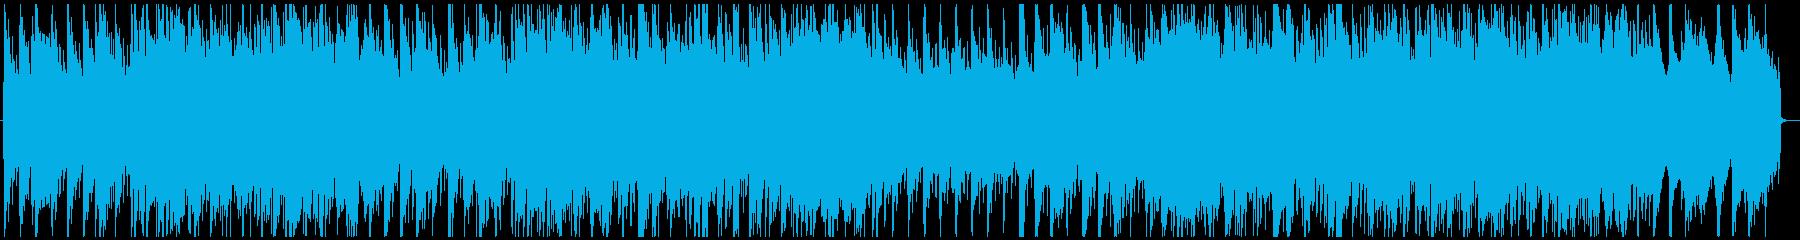 【朝のテレビ番組✨】爽やか✋青空✋アコギの再生済みの波形